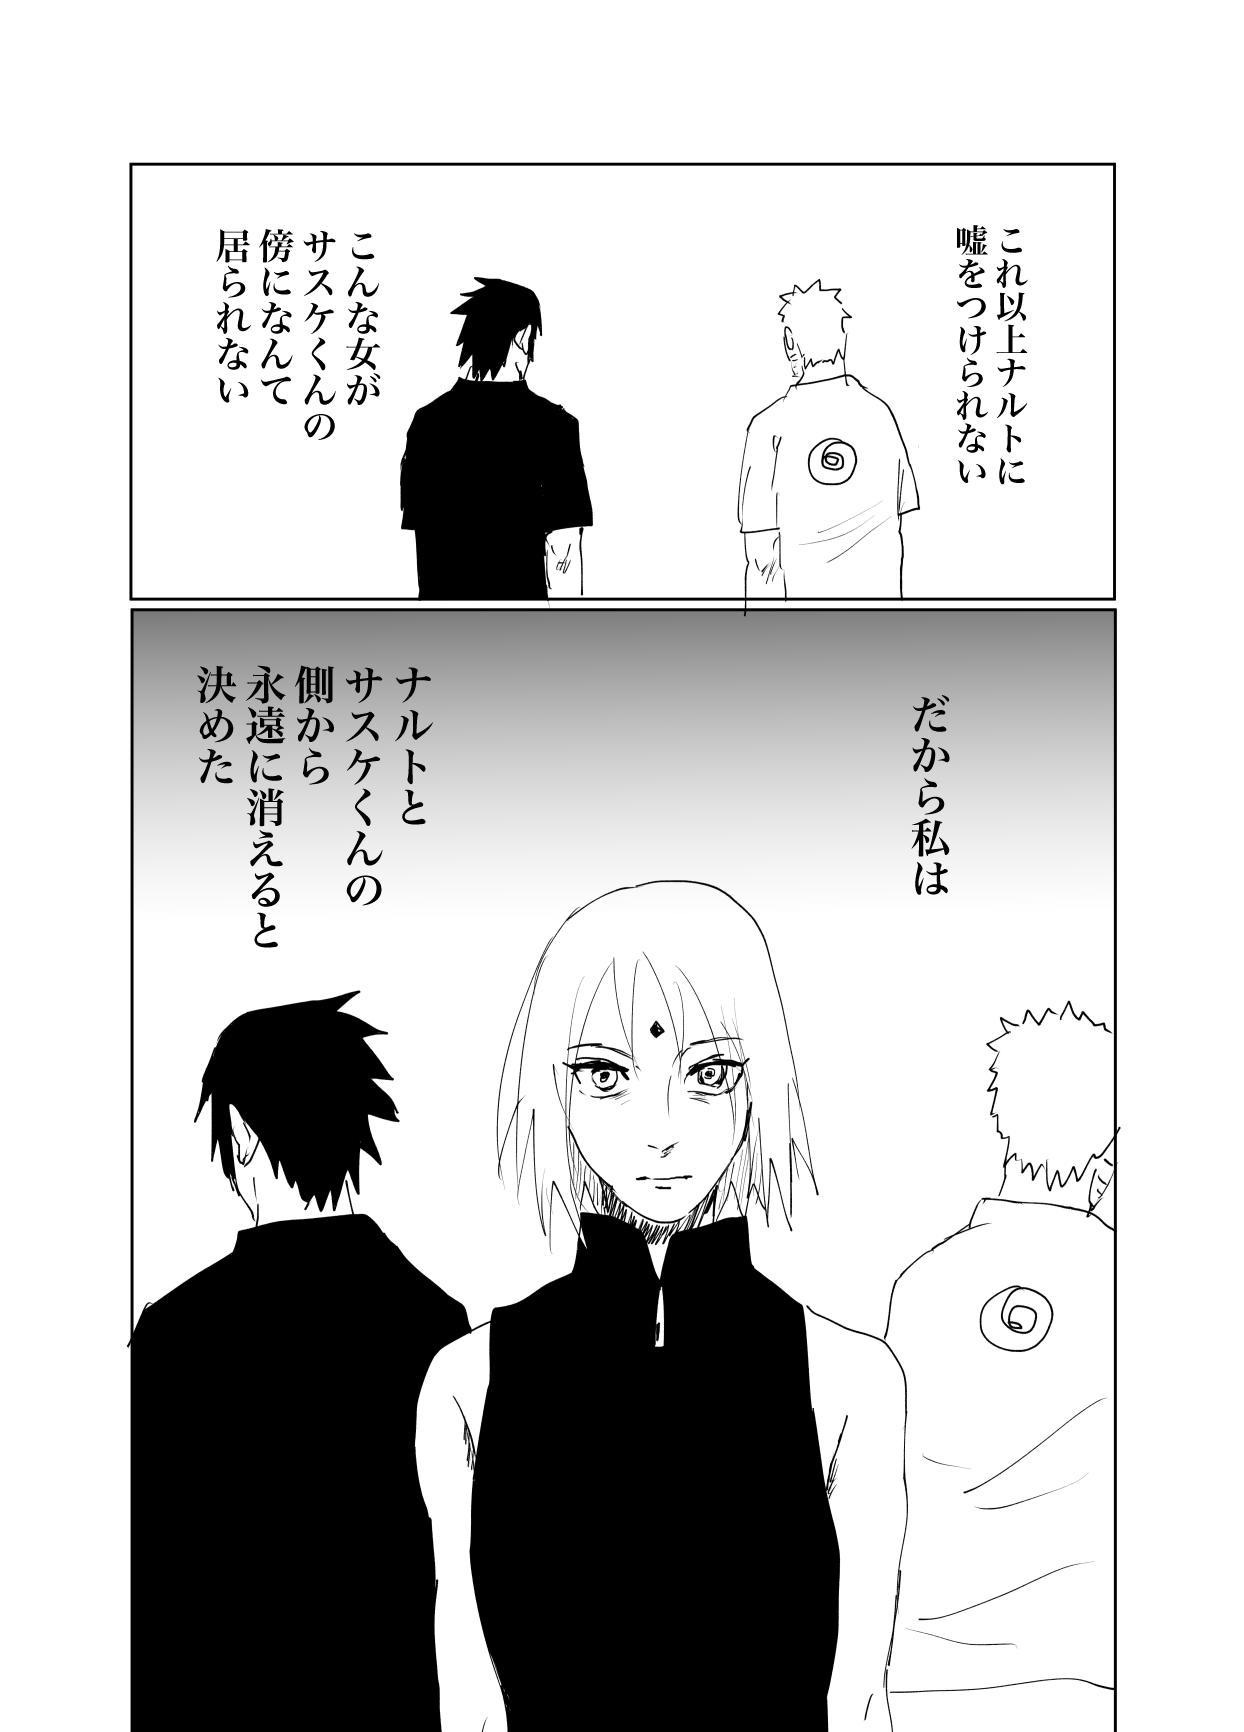 嘘告白漫画 33